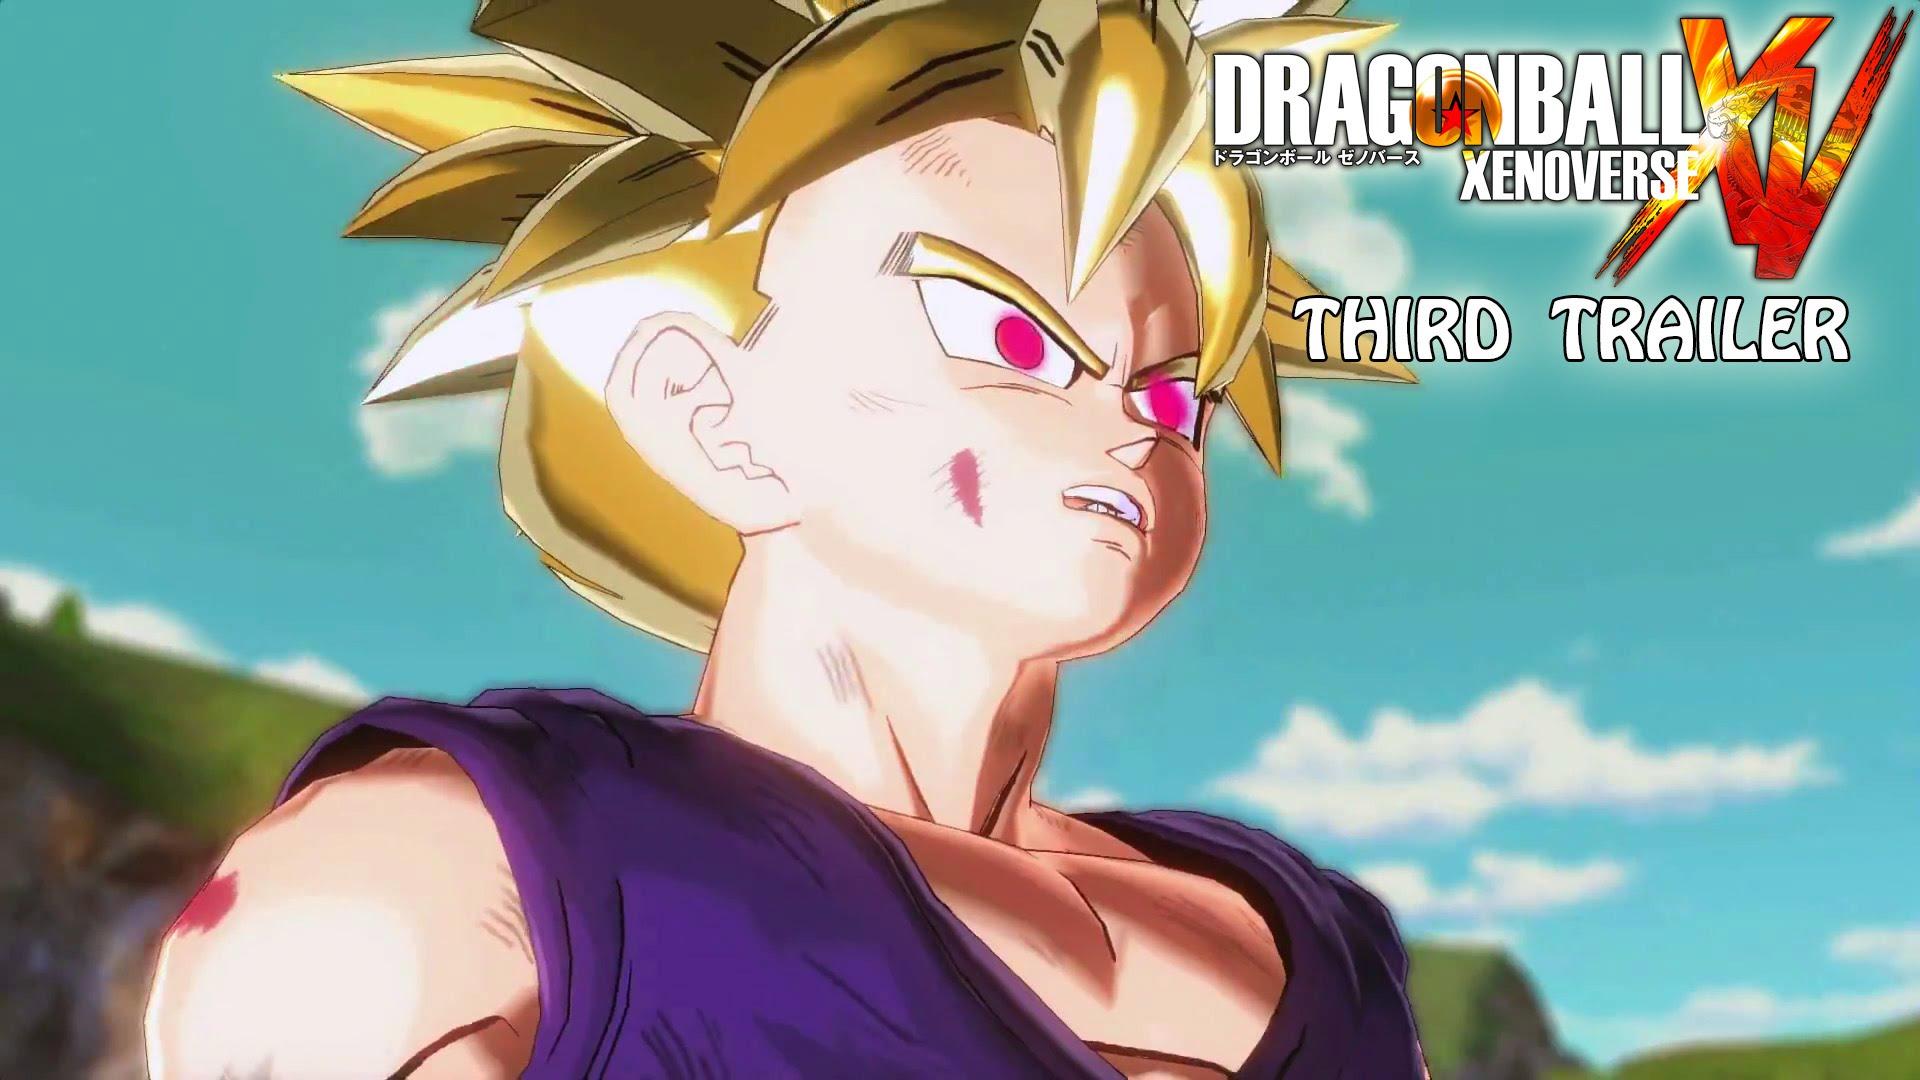 Dragon Ball Xenoverse im dritten offiziellen Trailer